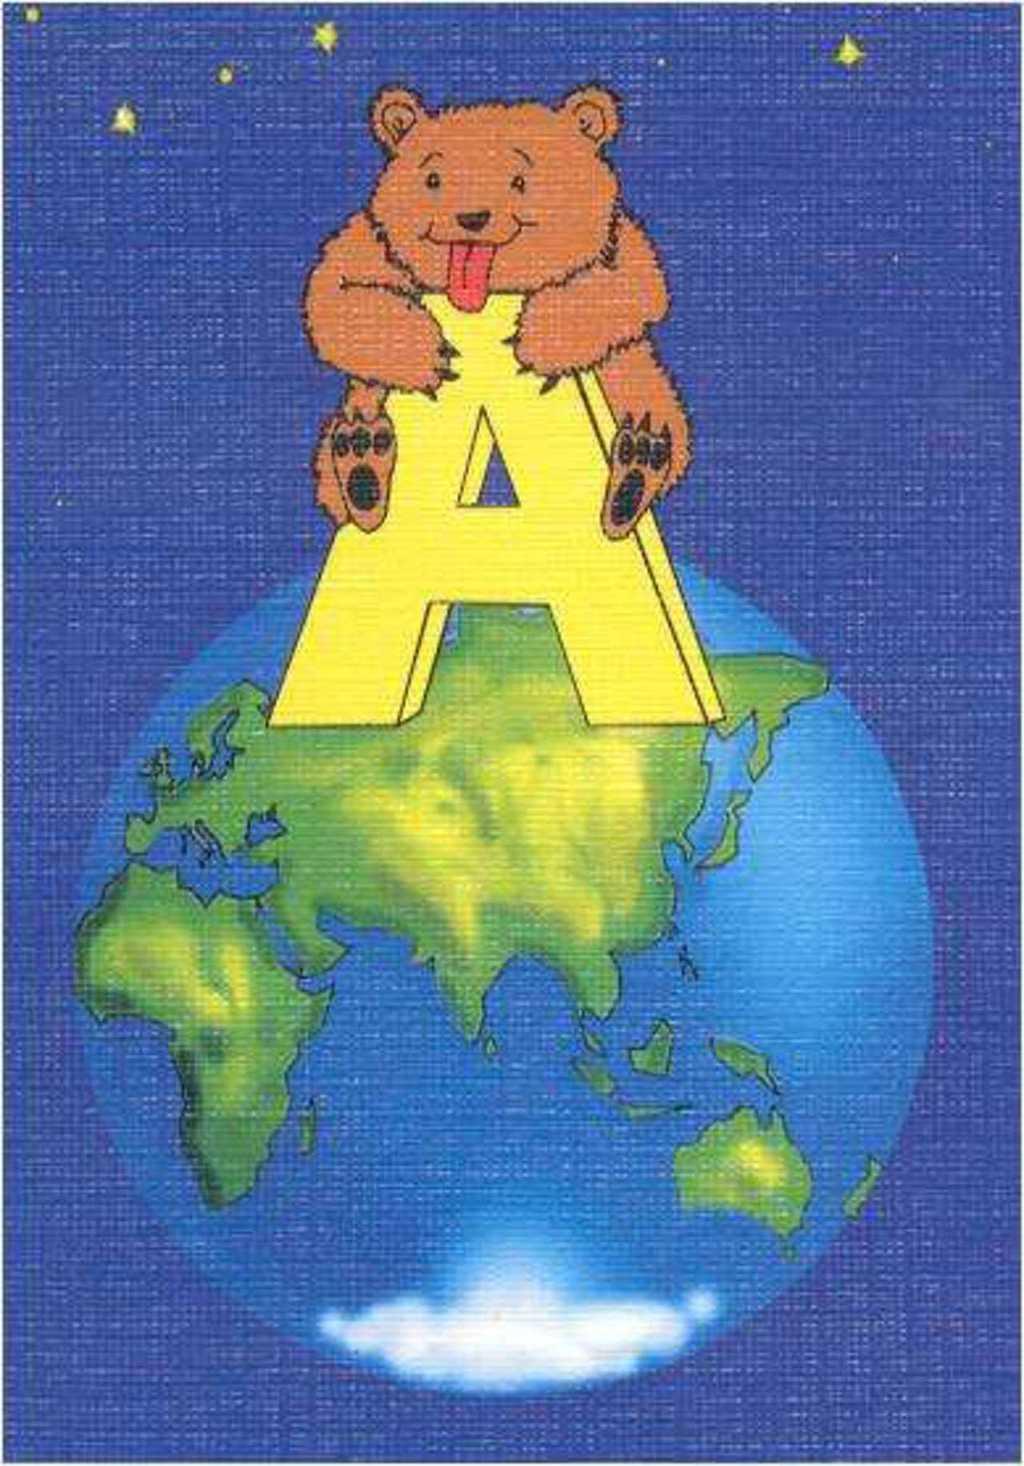 ответы по олимпиаде по русскому языку медвежонок 2008г 6-7классы